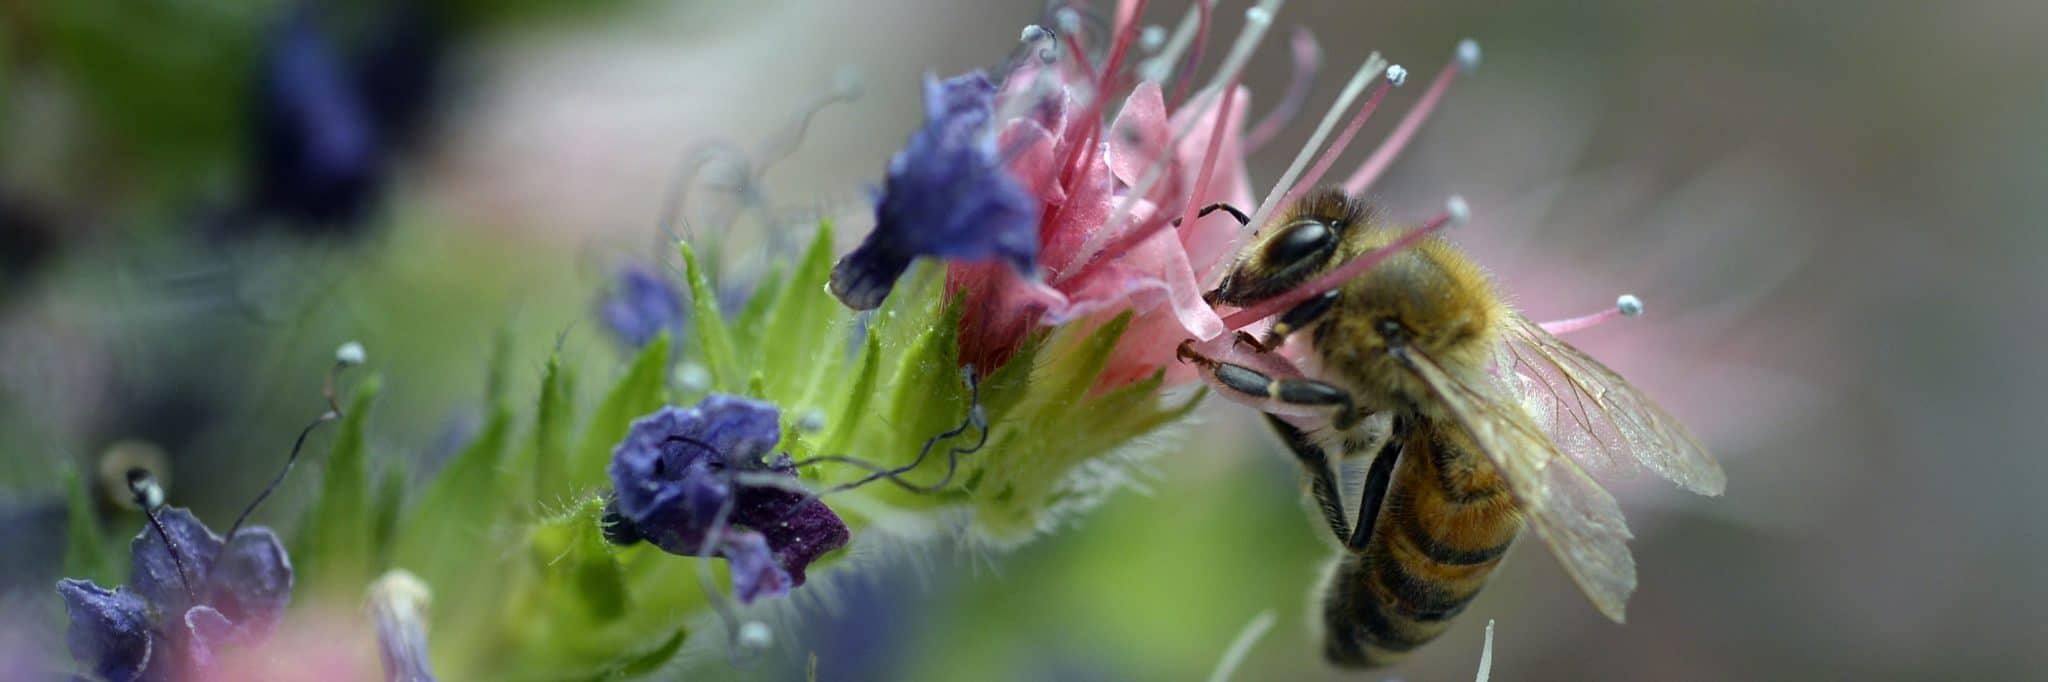 Plante iubite de insectele polenizatoare